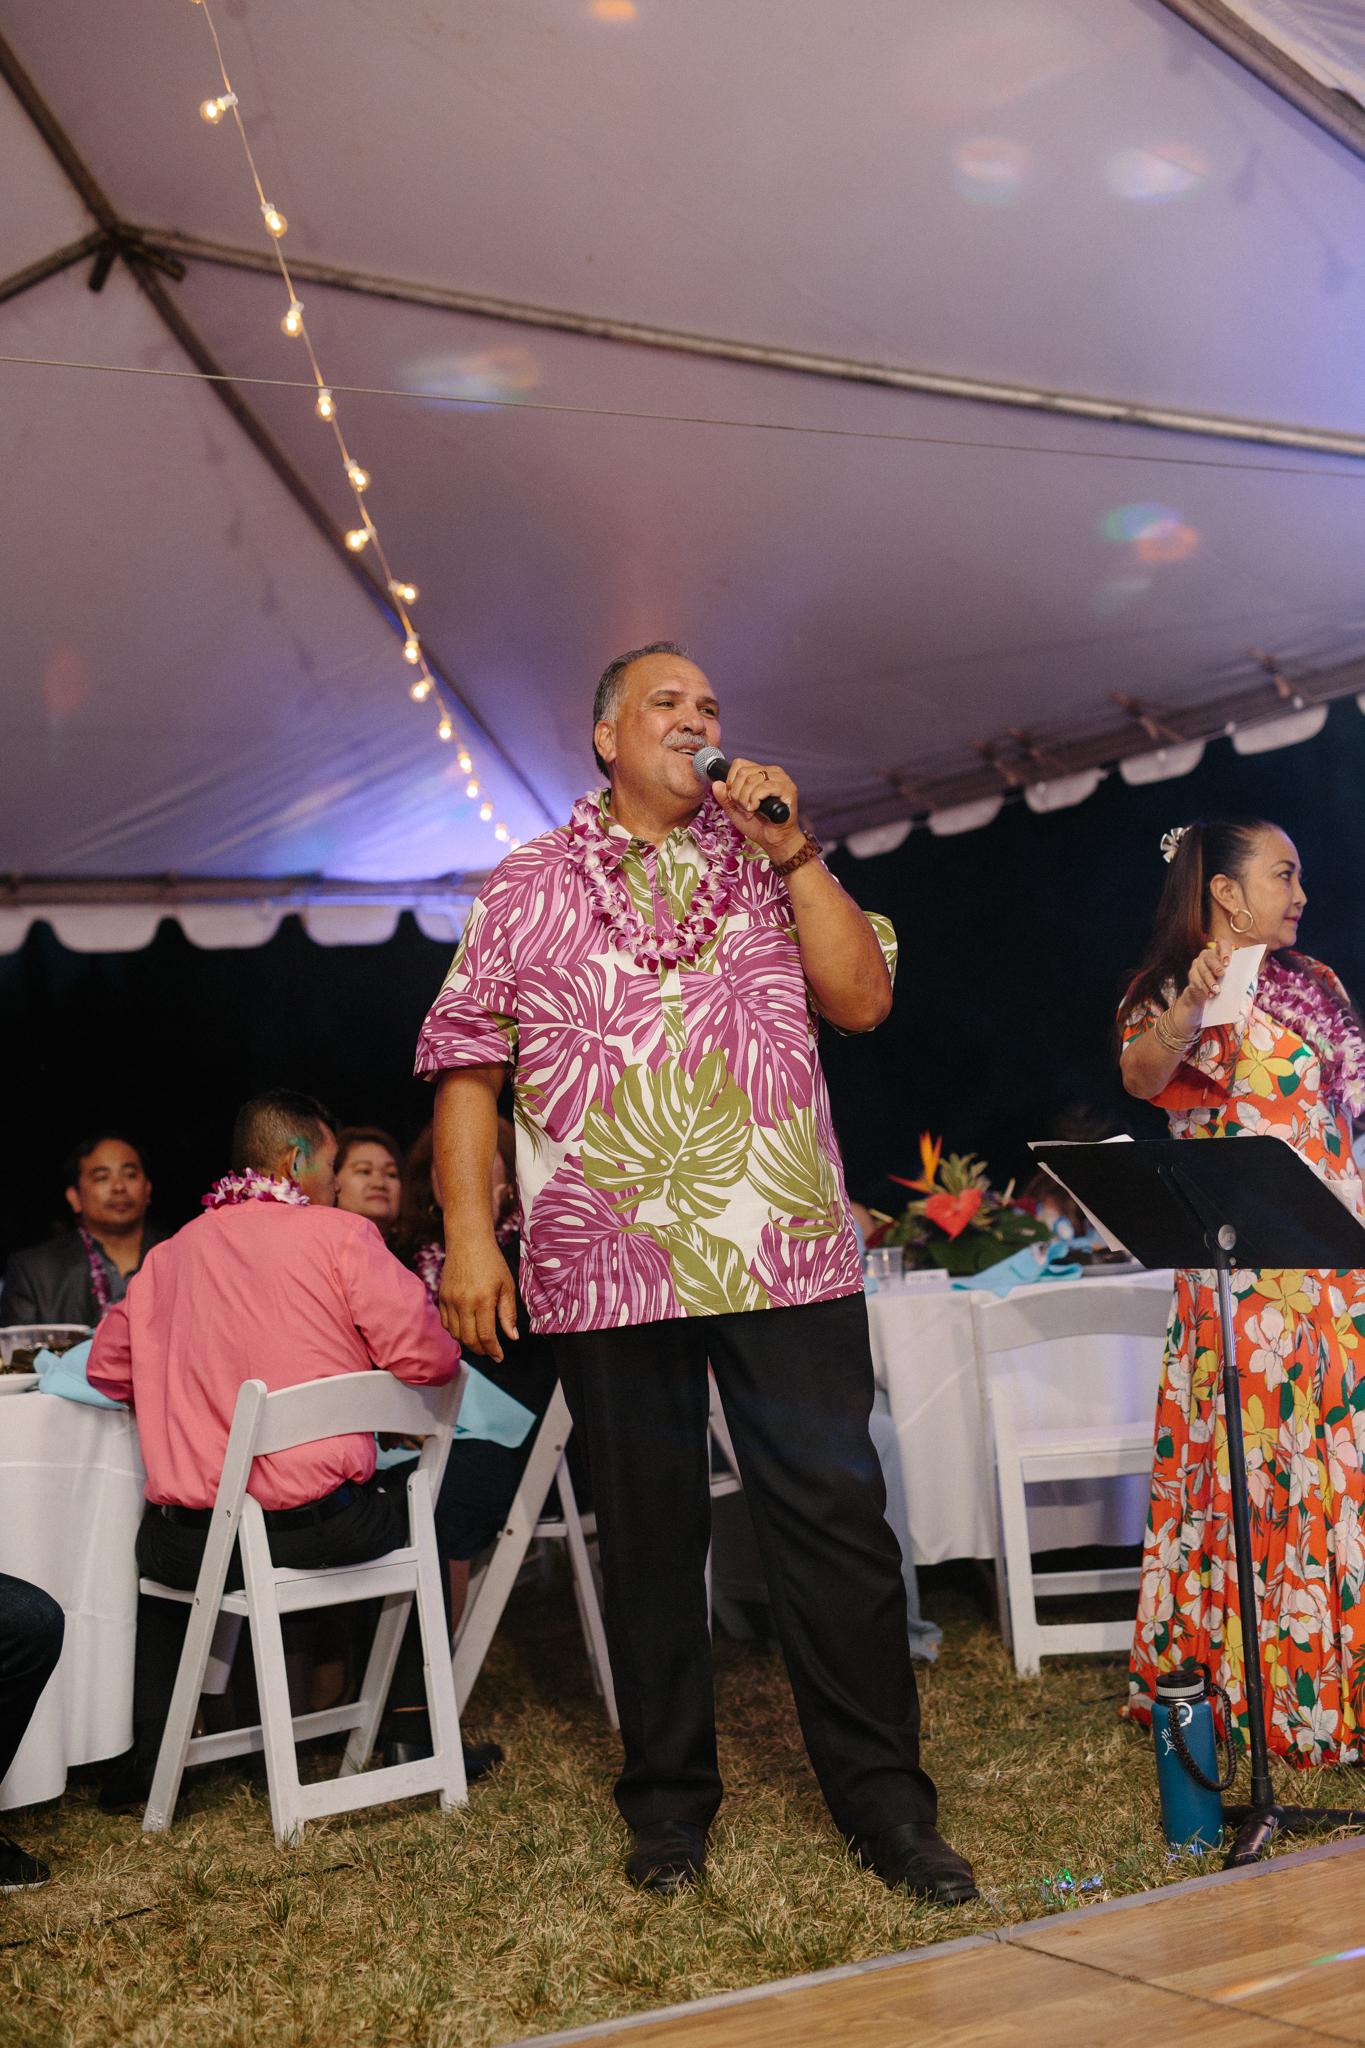 kualoa_ranch_wedding_photography_tone_hawaii-84.jpg